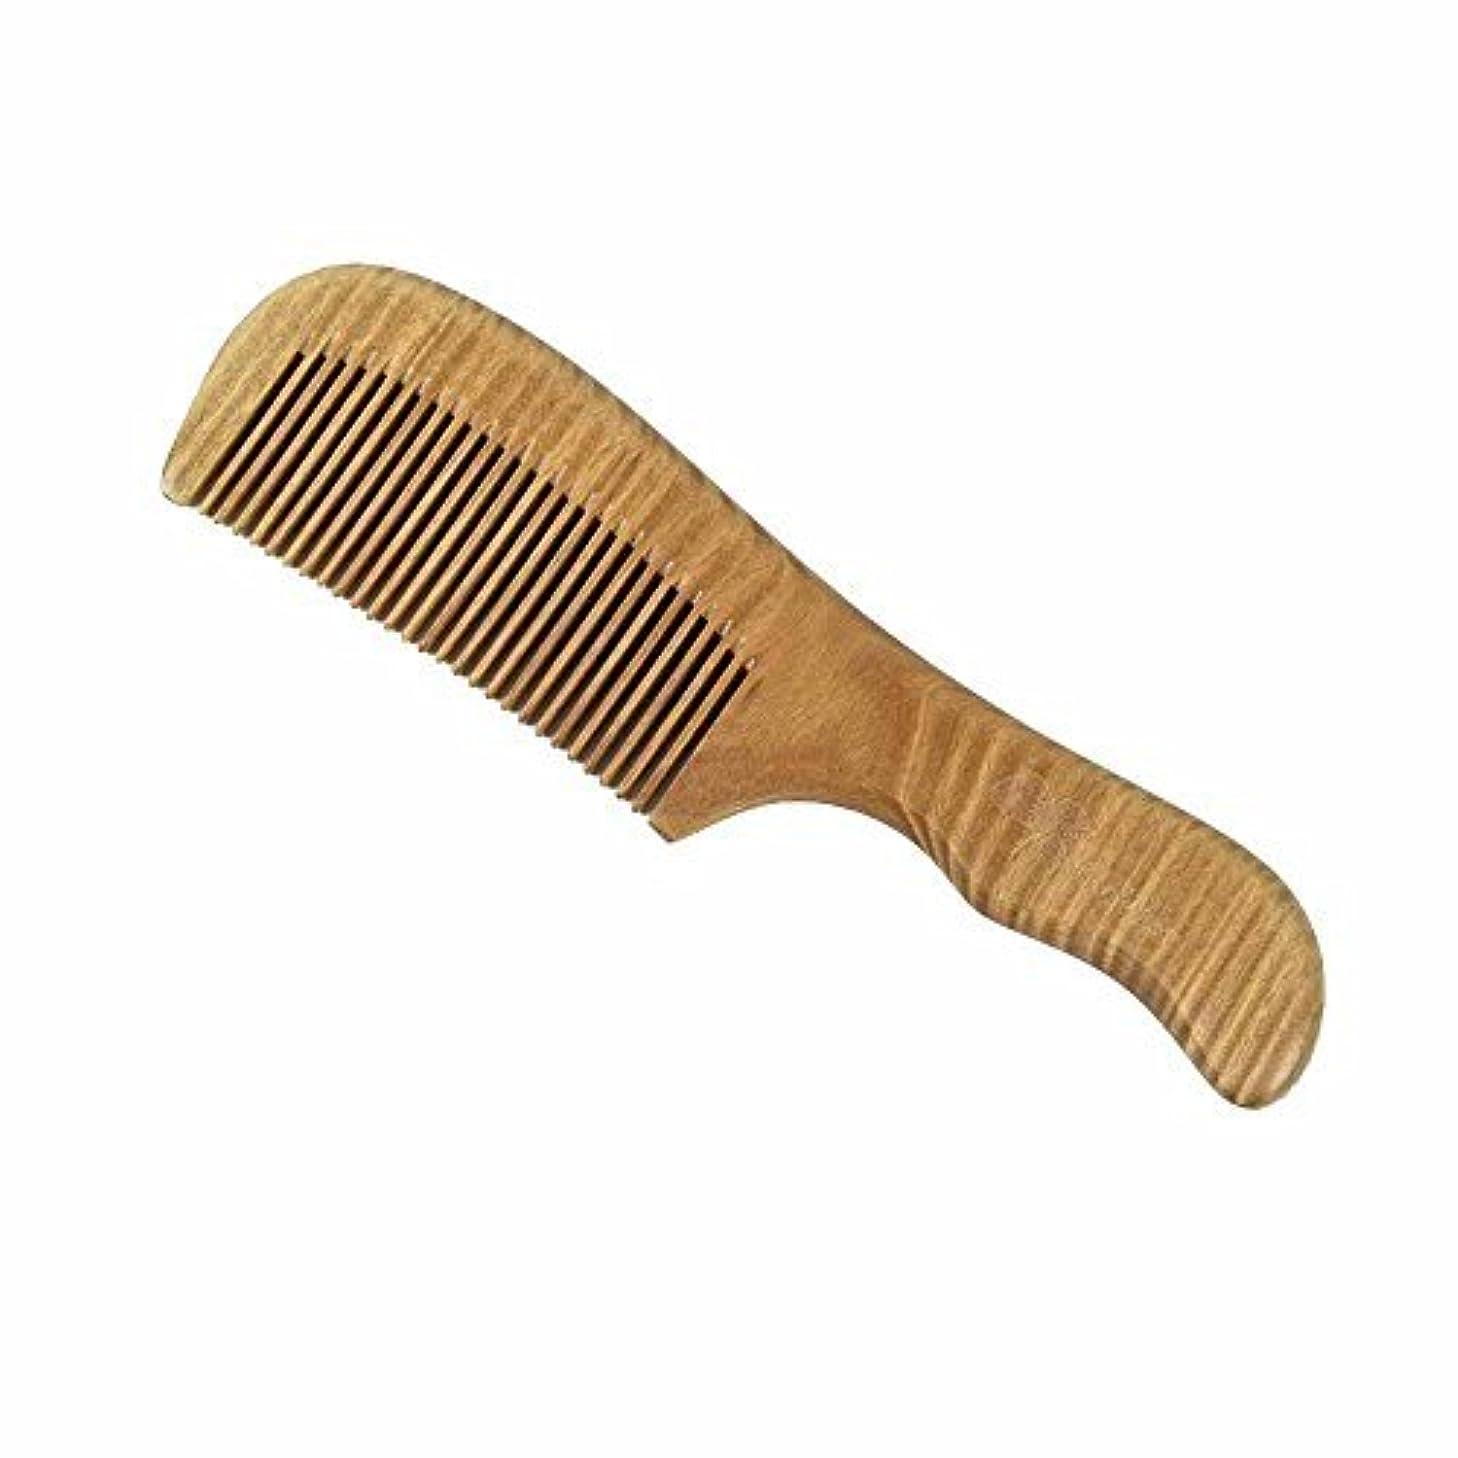 適合する品揃え紳士Wooden Hair Brush, by GoWoo, Fine Tooth, Detangling, Natural and Handmade, for Men and Women, From Earth to Earth...